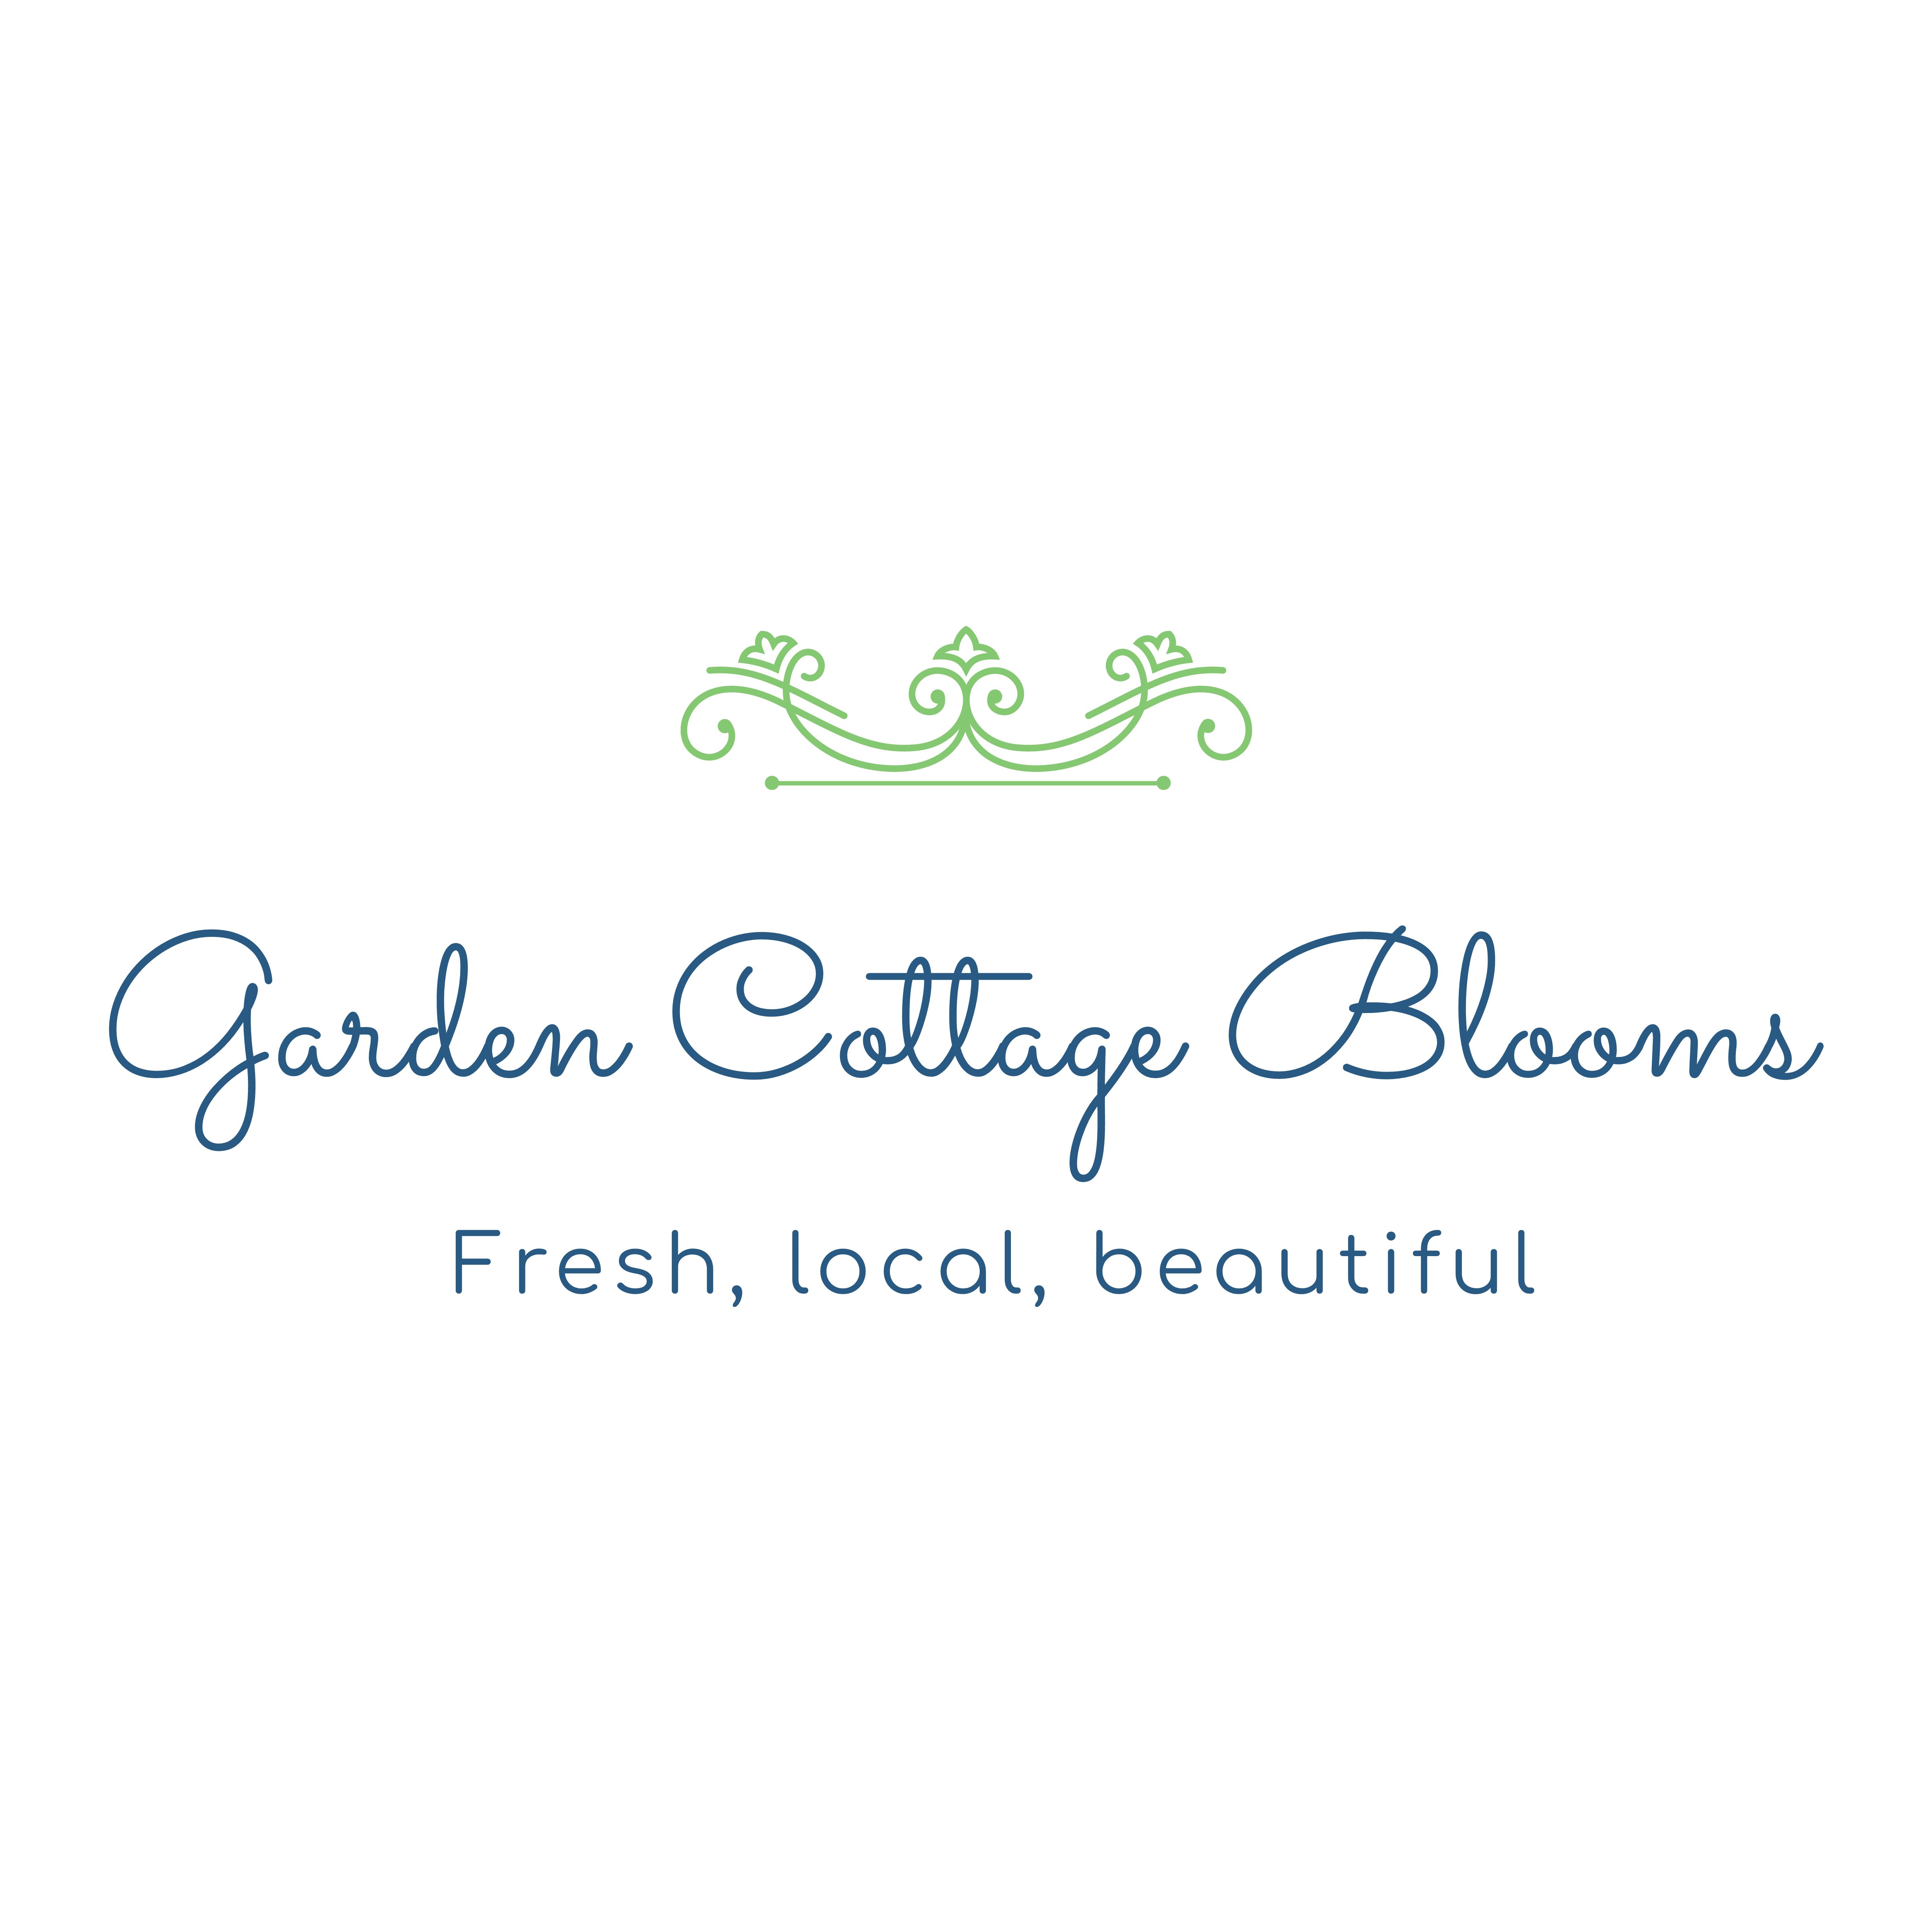 Garden Cottage Blooms